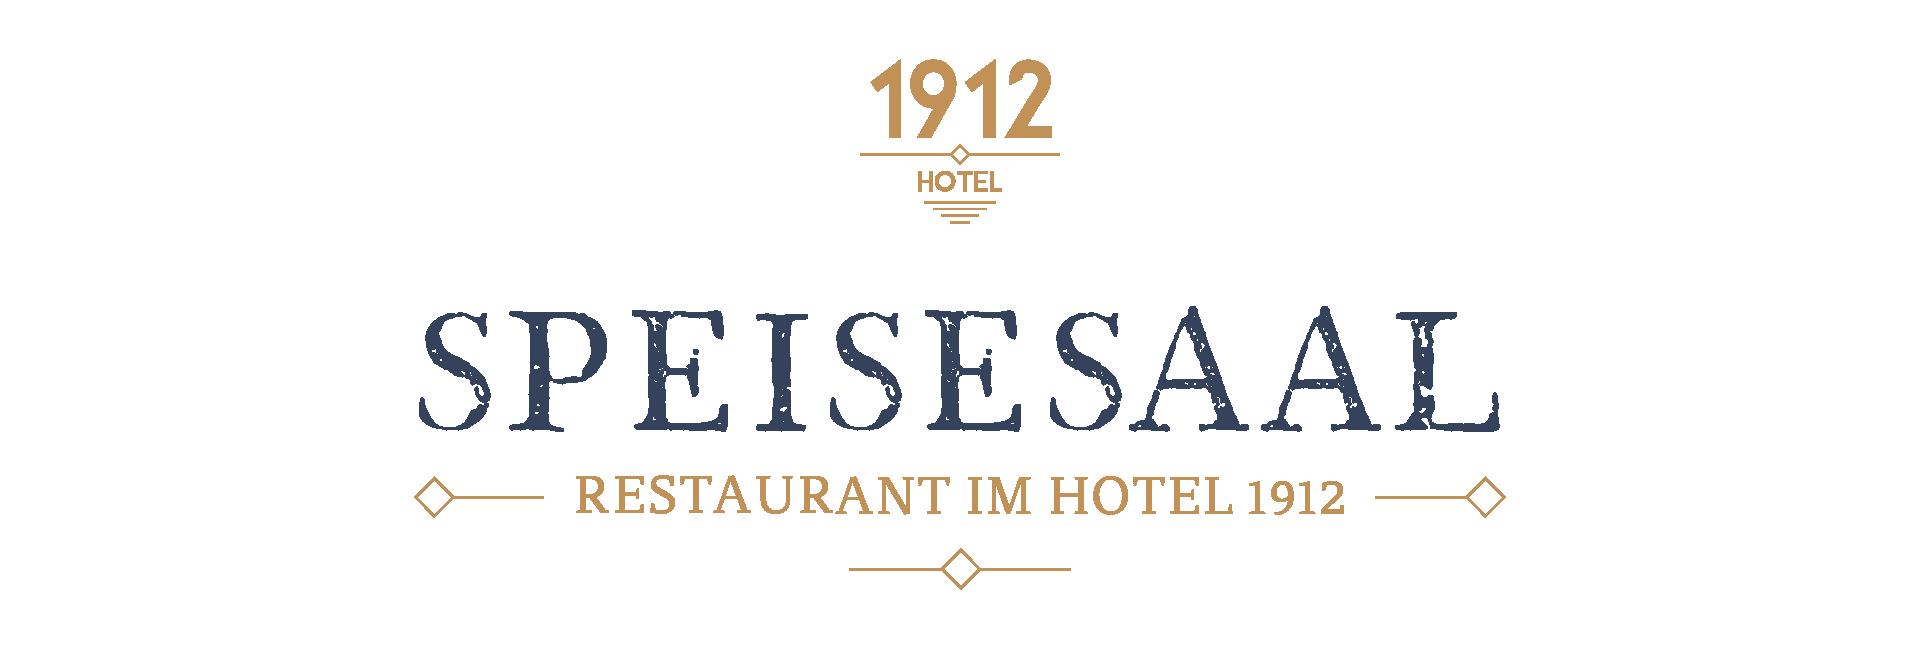 1912 Hotel – Speisesaal Restaurant – Logo